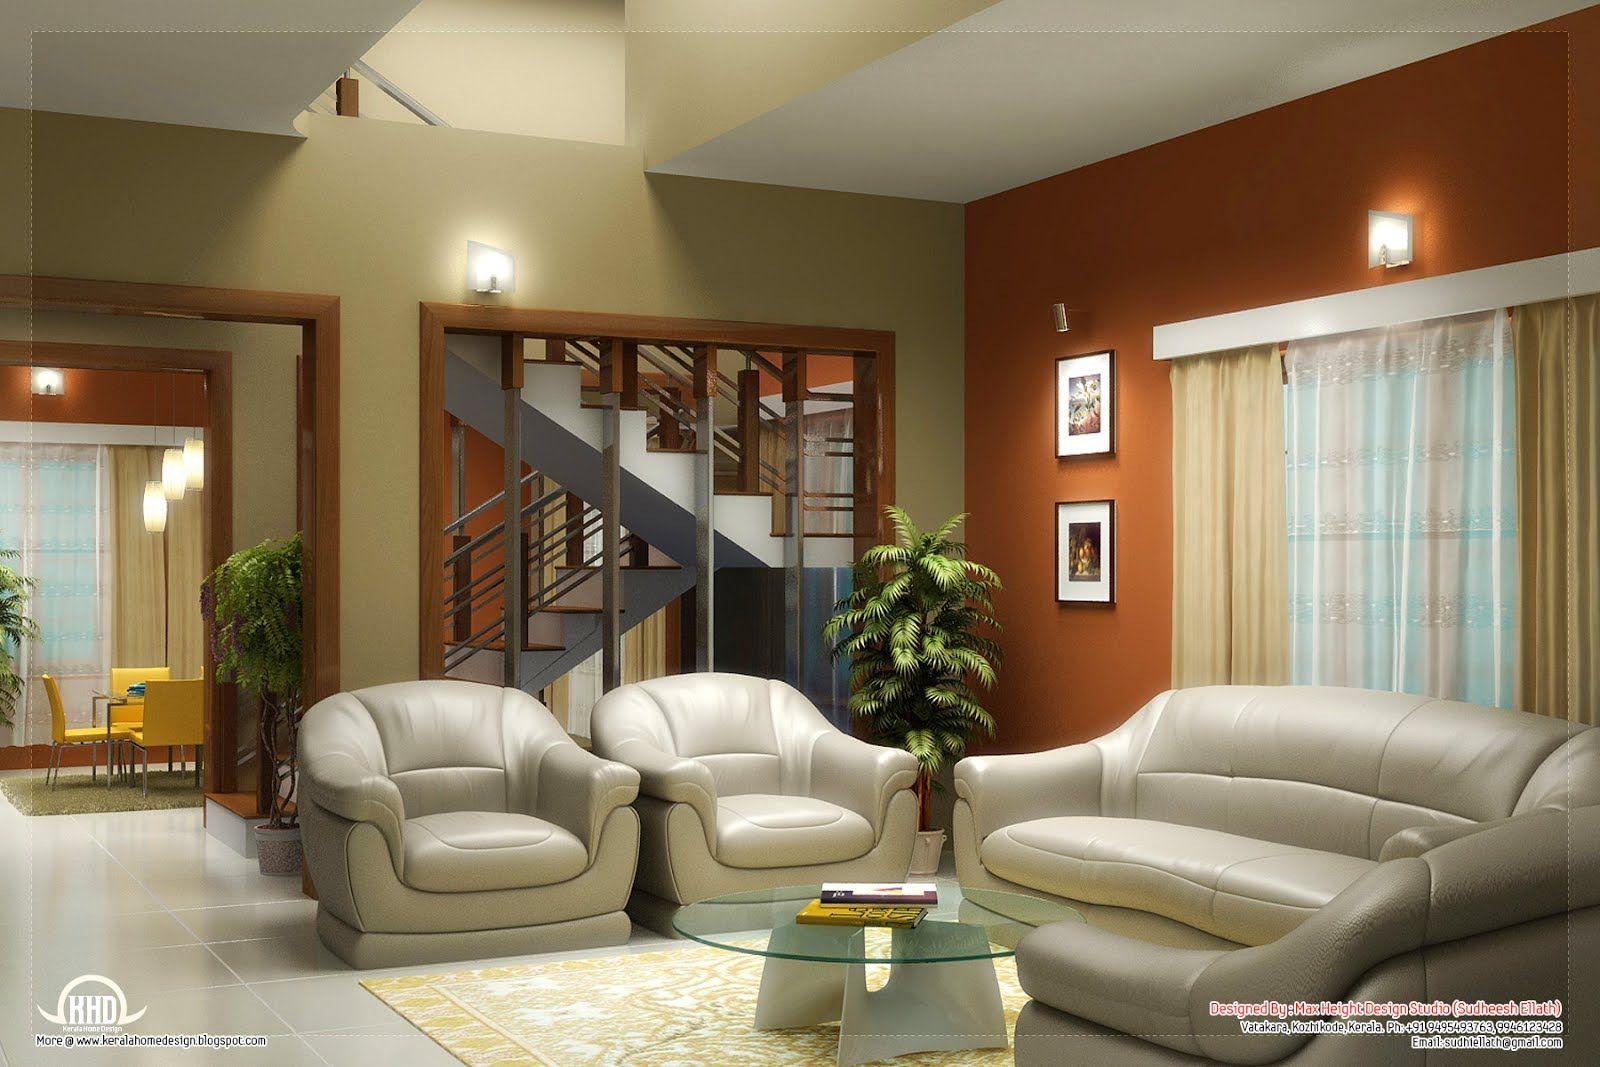 Home Design Innen - Loungemöbel   Loungemöbel   Pinterest ...